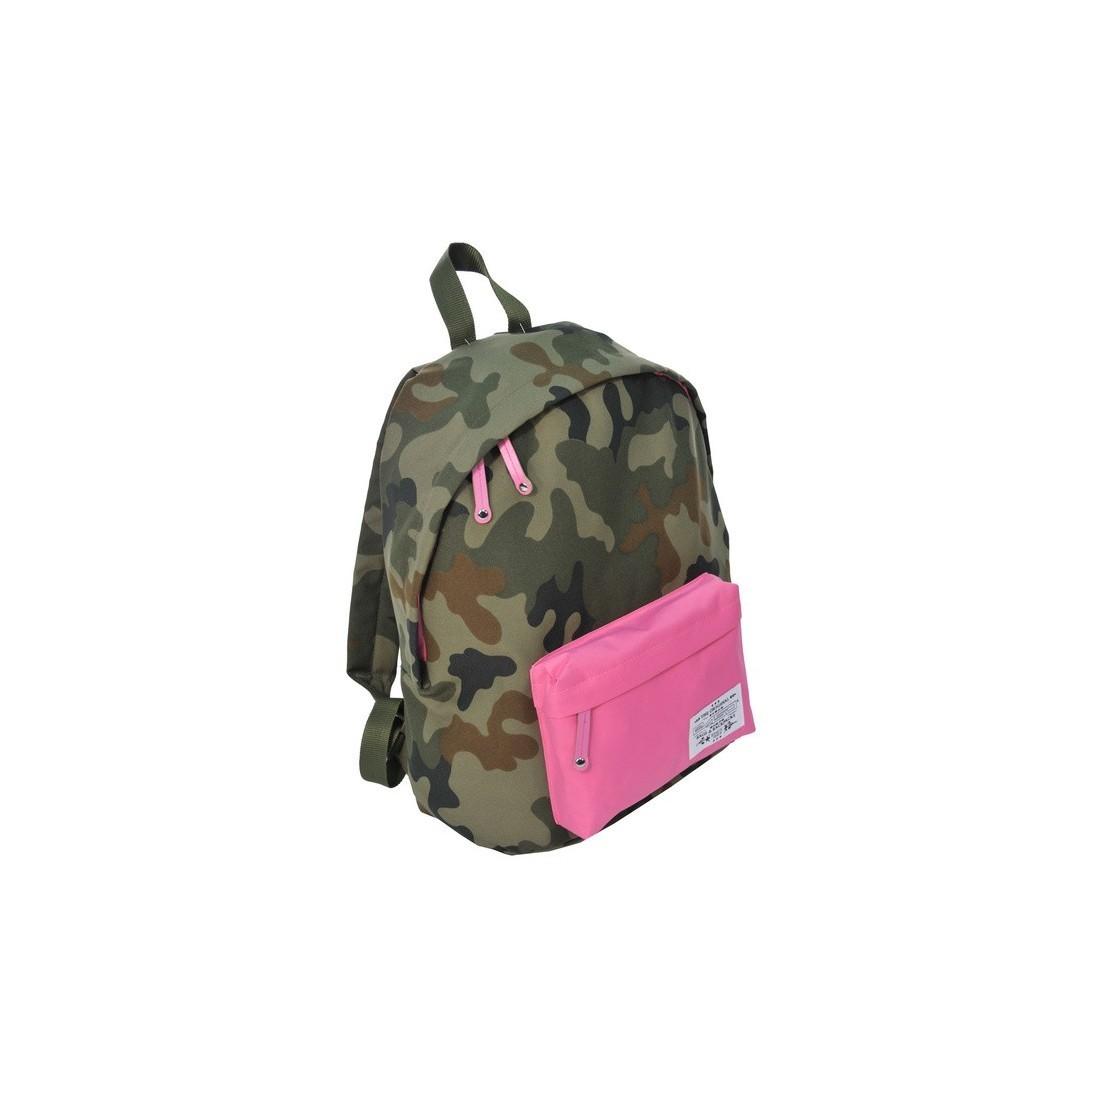 Plecak młodzieżowy Ciemne Moro różowy